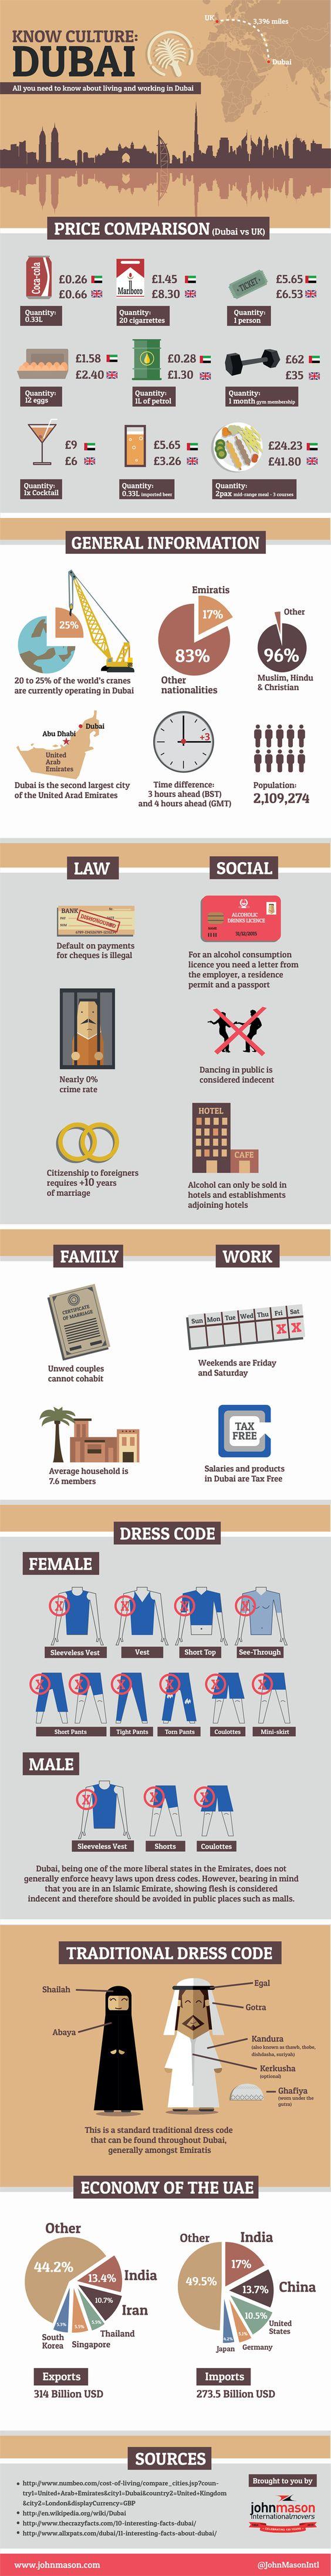 адаптация жизни в ОАЭ